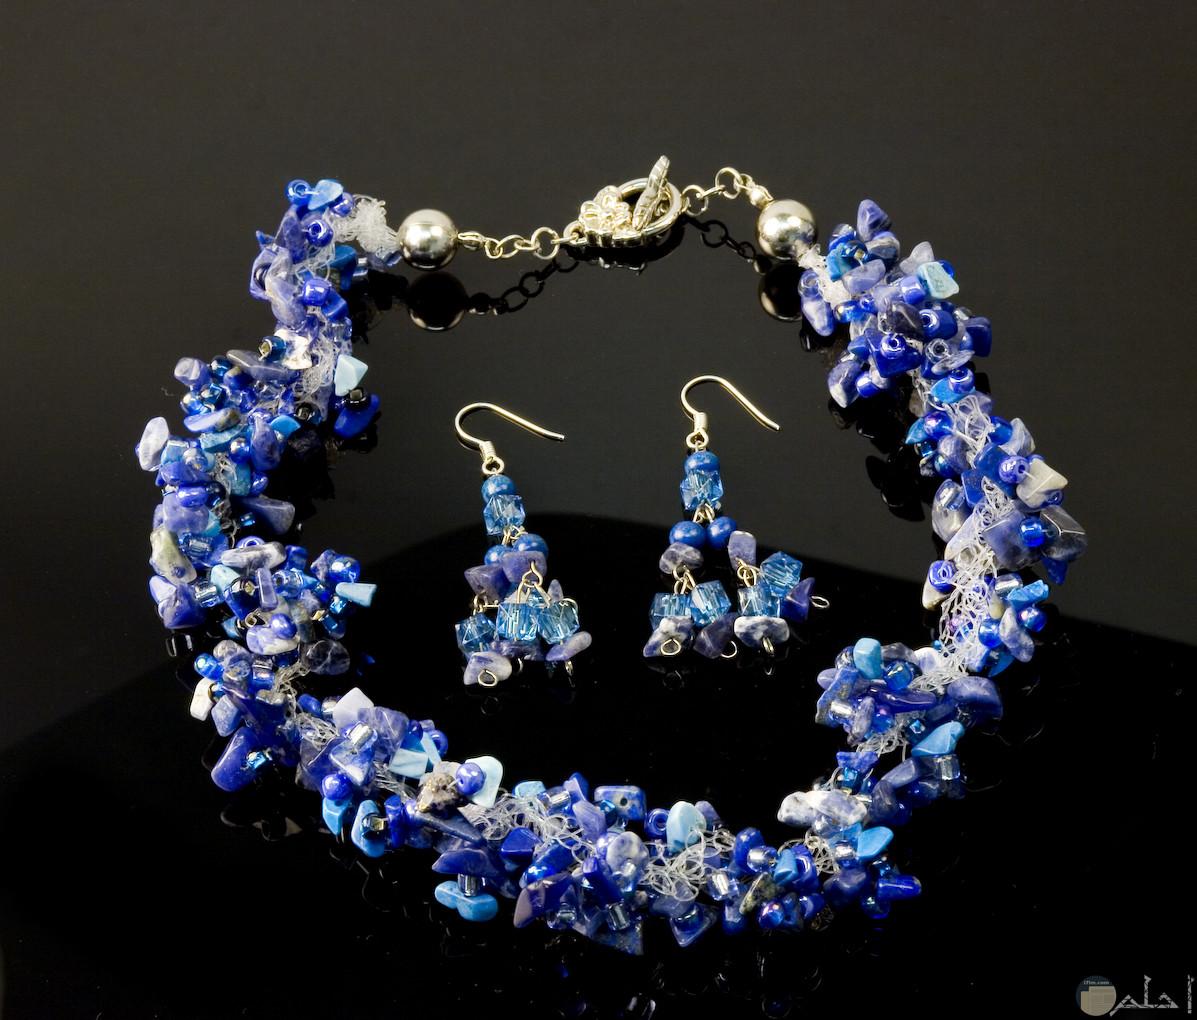 صورة اكسسوار هاند ميد للبنات باللون الأزرق لليدين والاذنين